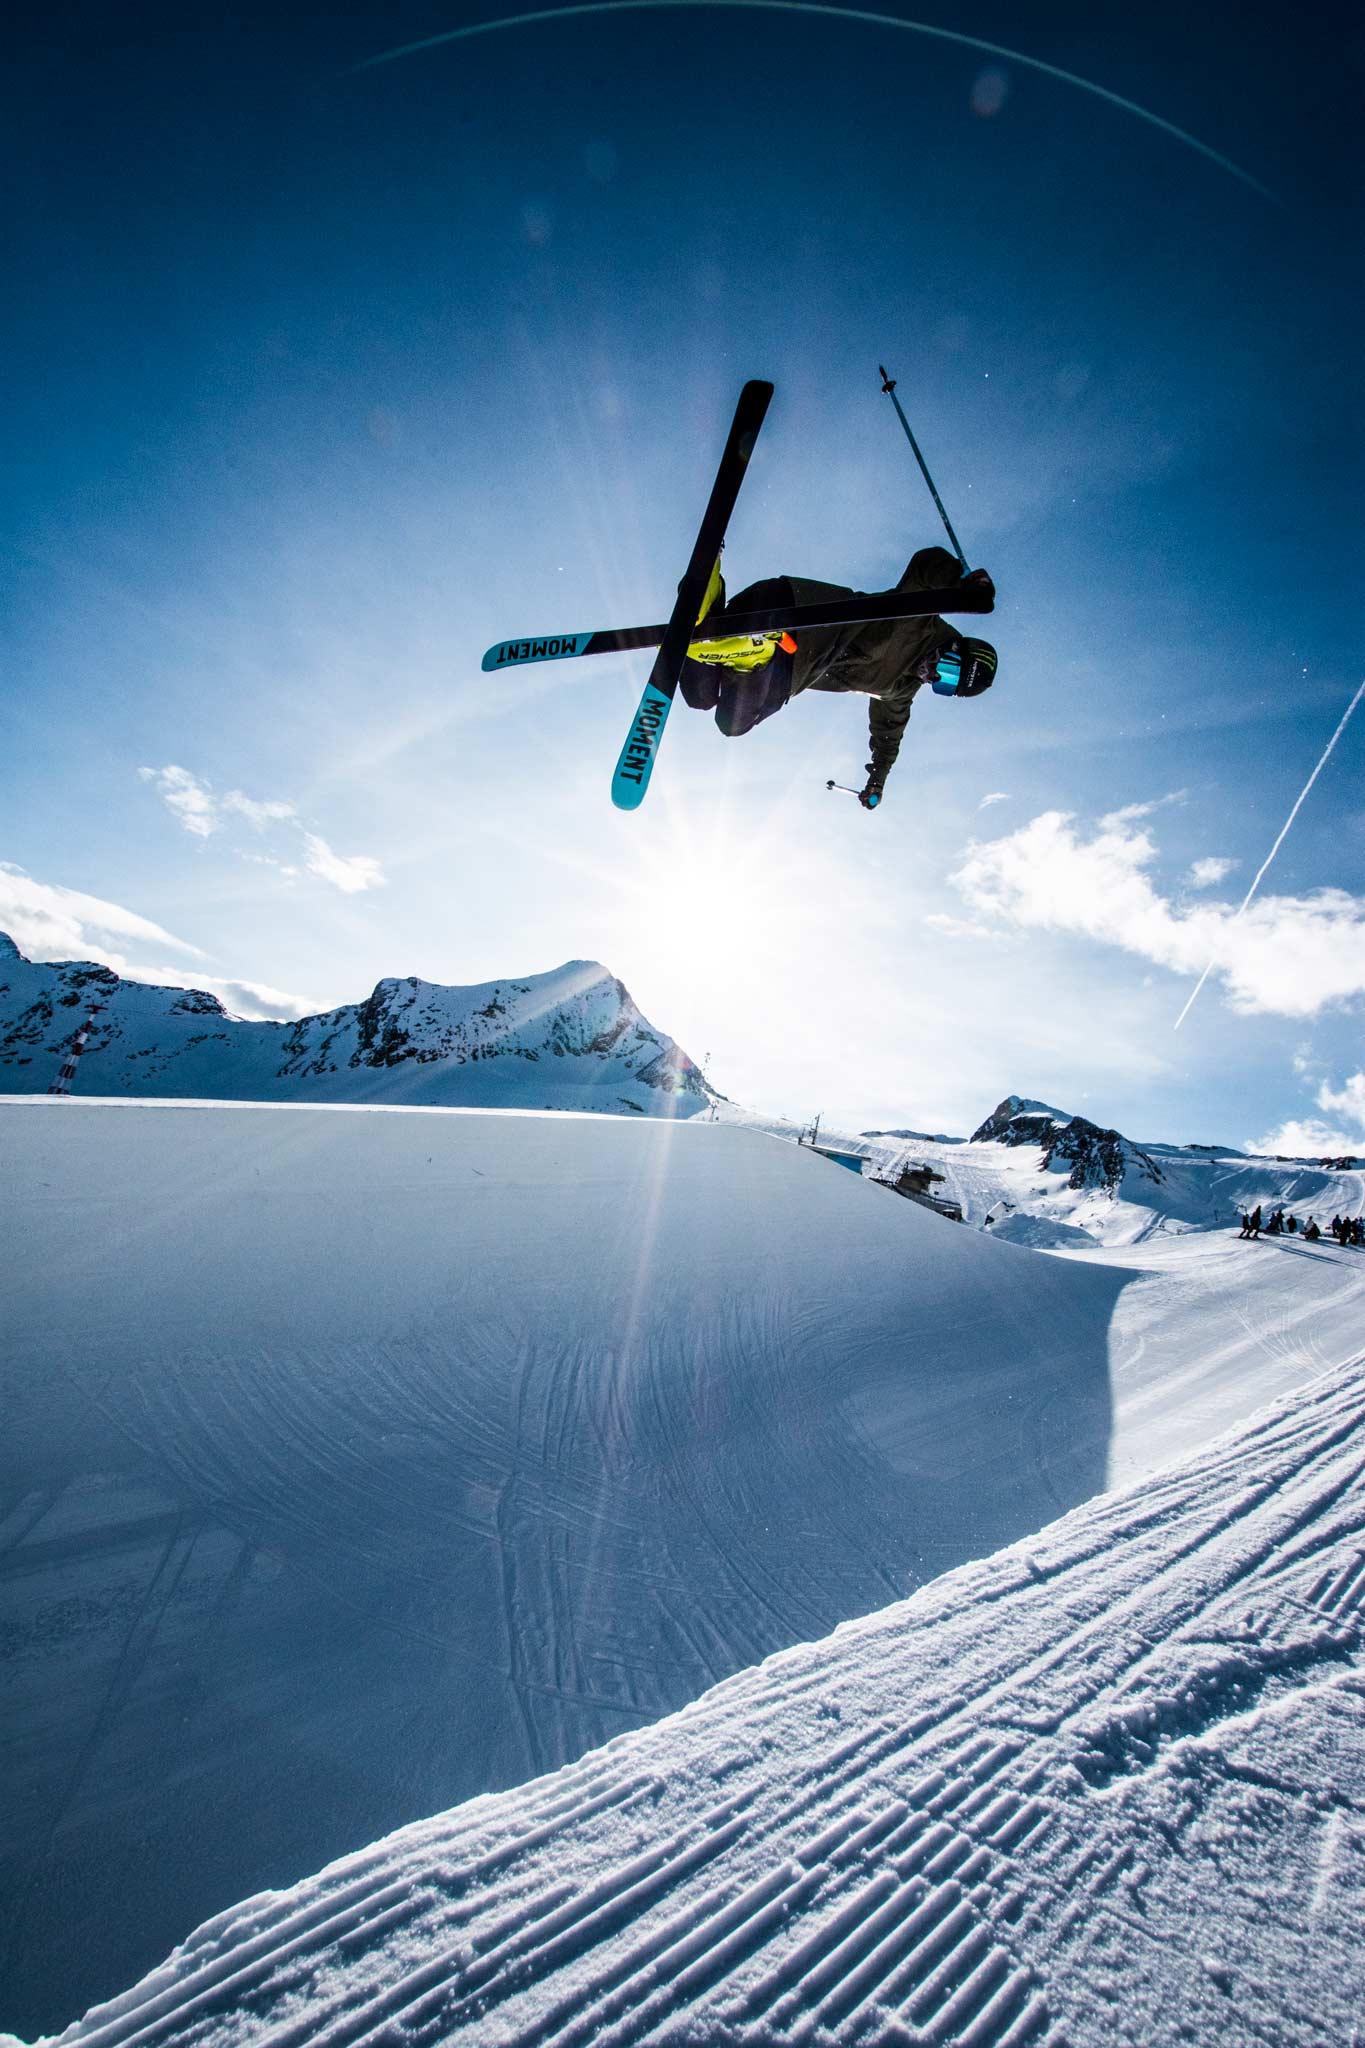 Vom 1. bis 28. Novermber 2021 finden die Superpipe Training Weeks am Kitzsteinhorn statt! - Rider: David Wise